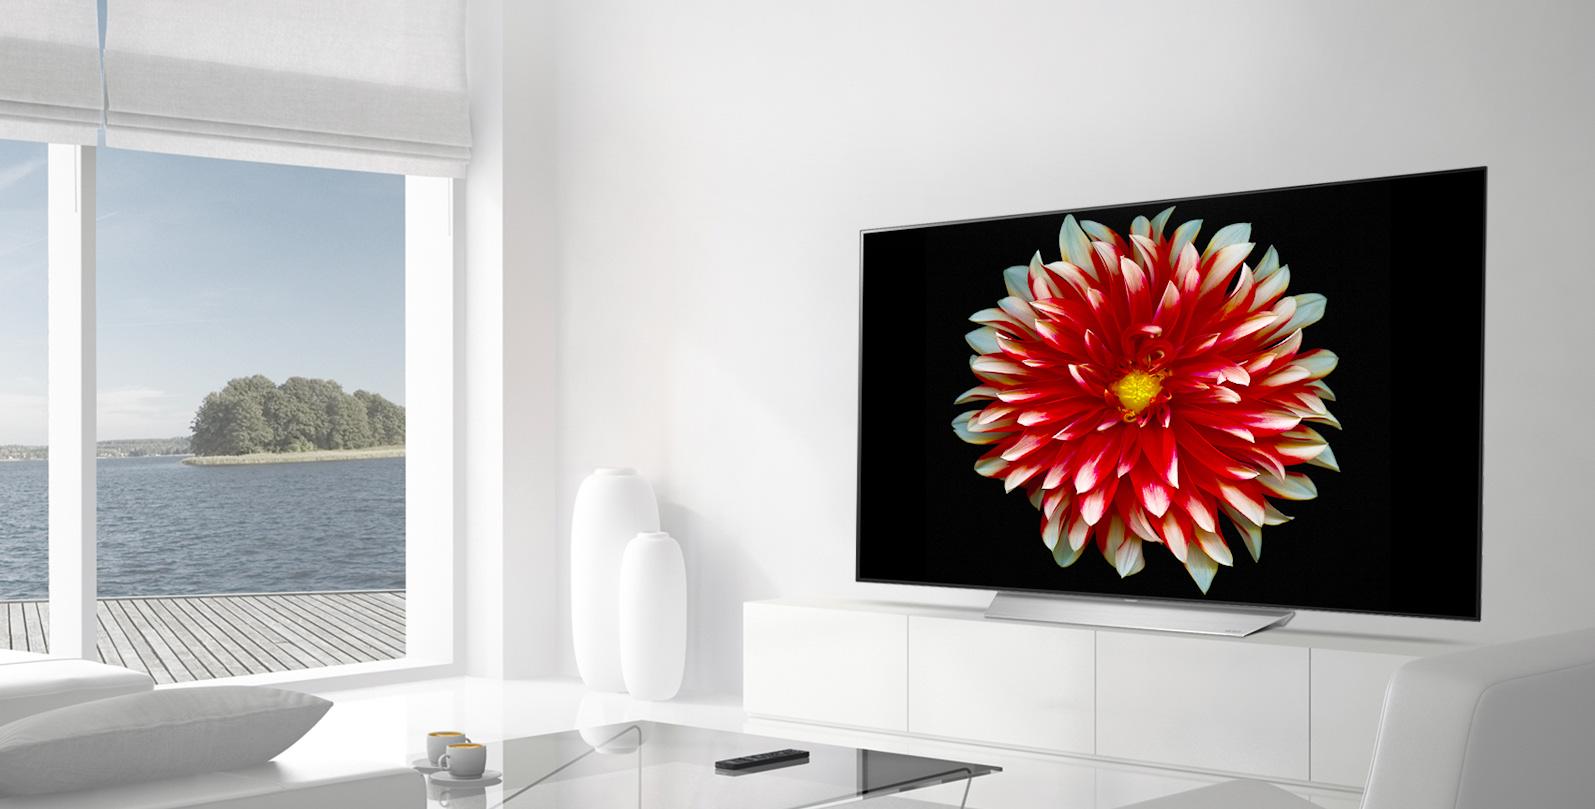 LG 4Κ OLED TV C7